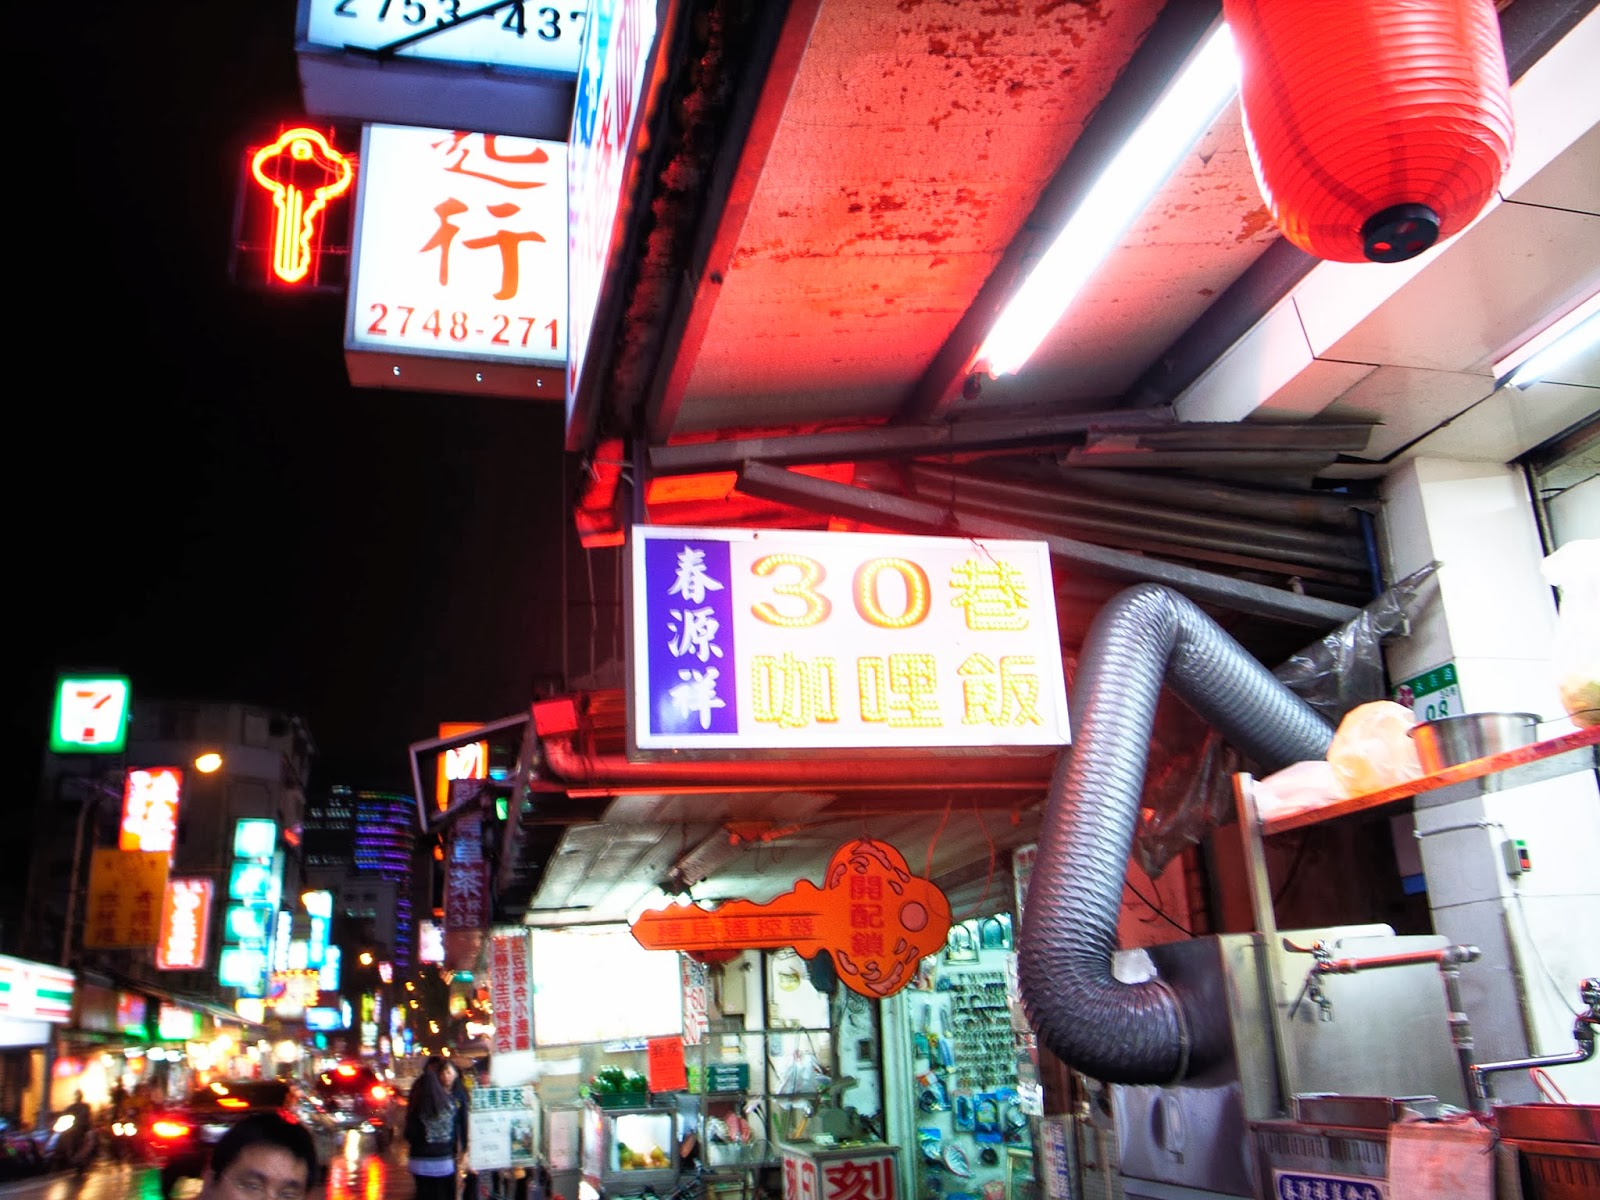 30巷咖哩飯 - 臺北 市政府捷運 - 我啥都不知道